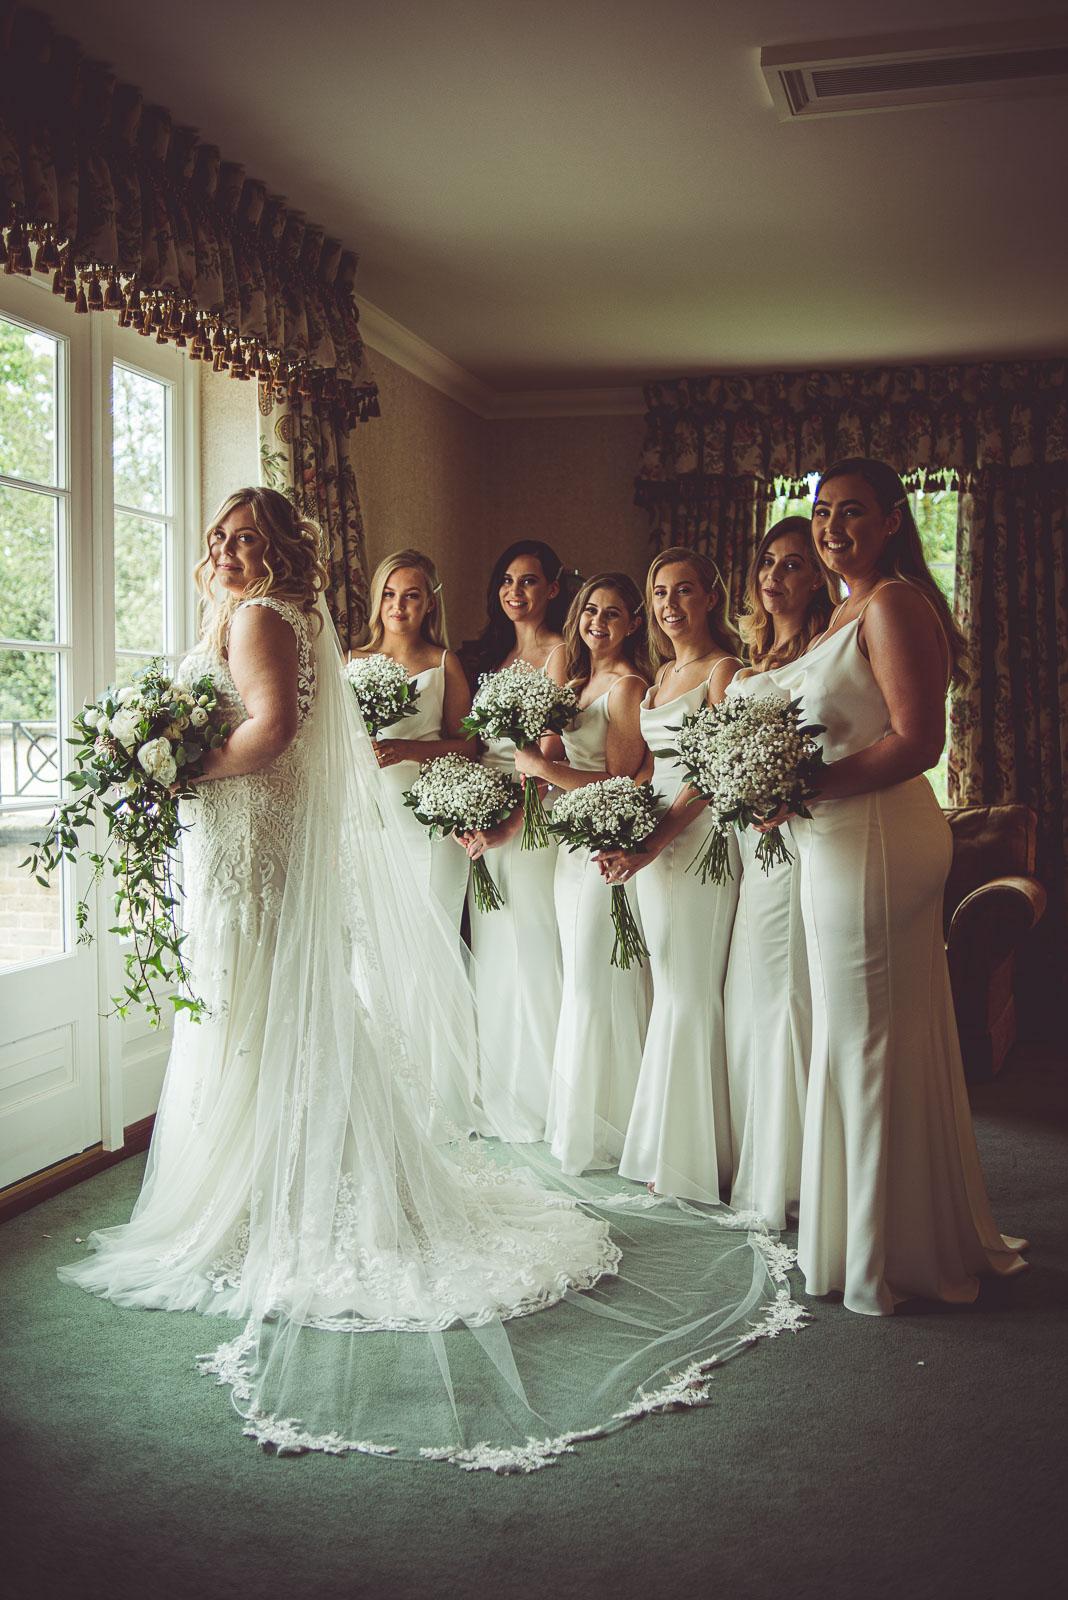 Lutonhoo-wedding-Bedfordshire-Datchworth-Tewinburyfarm-16.jpg